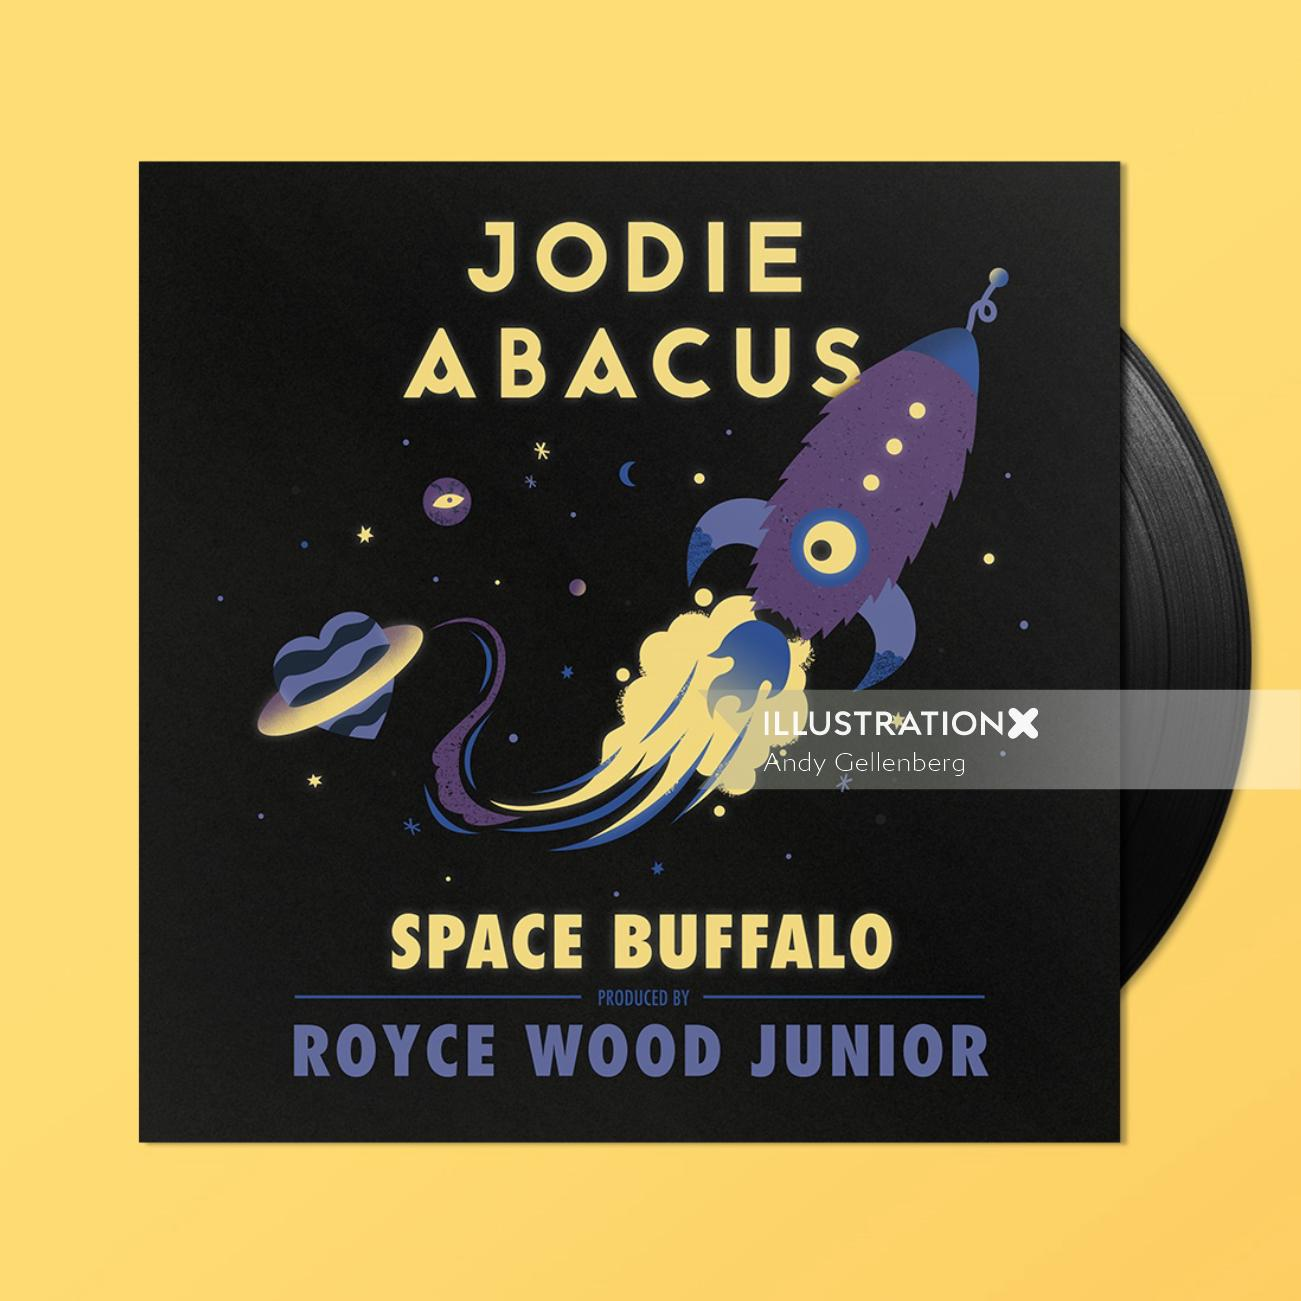 Retro Graphic space buffalo